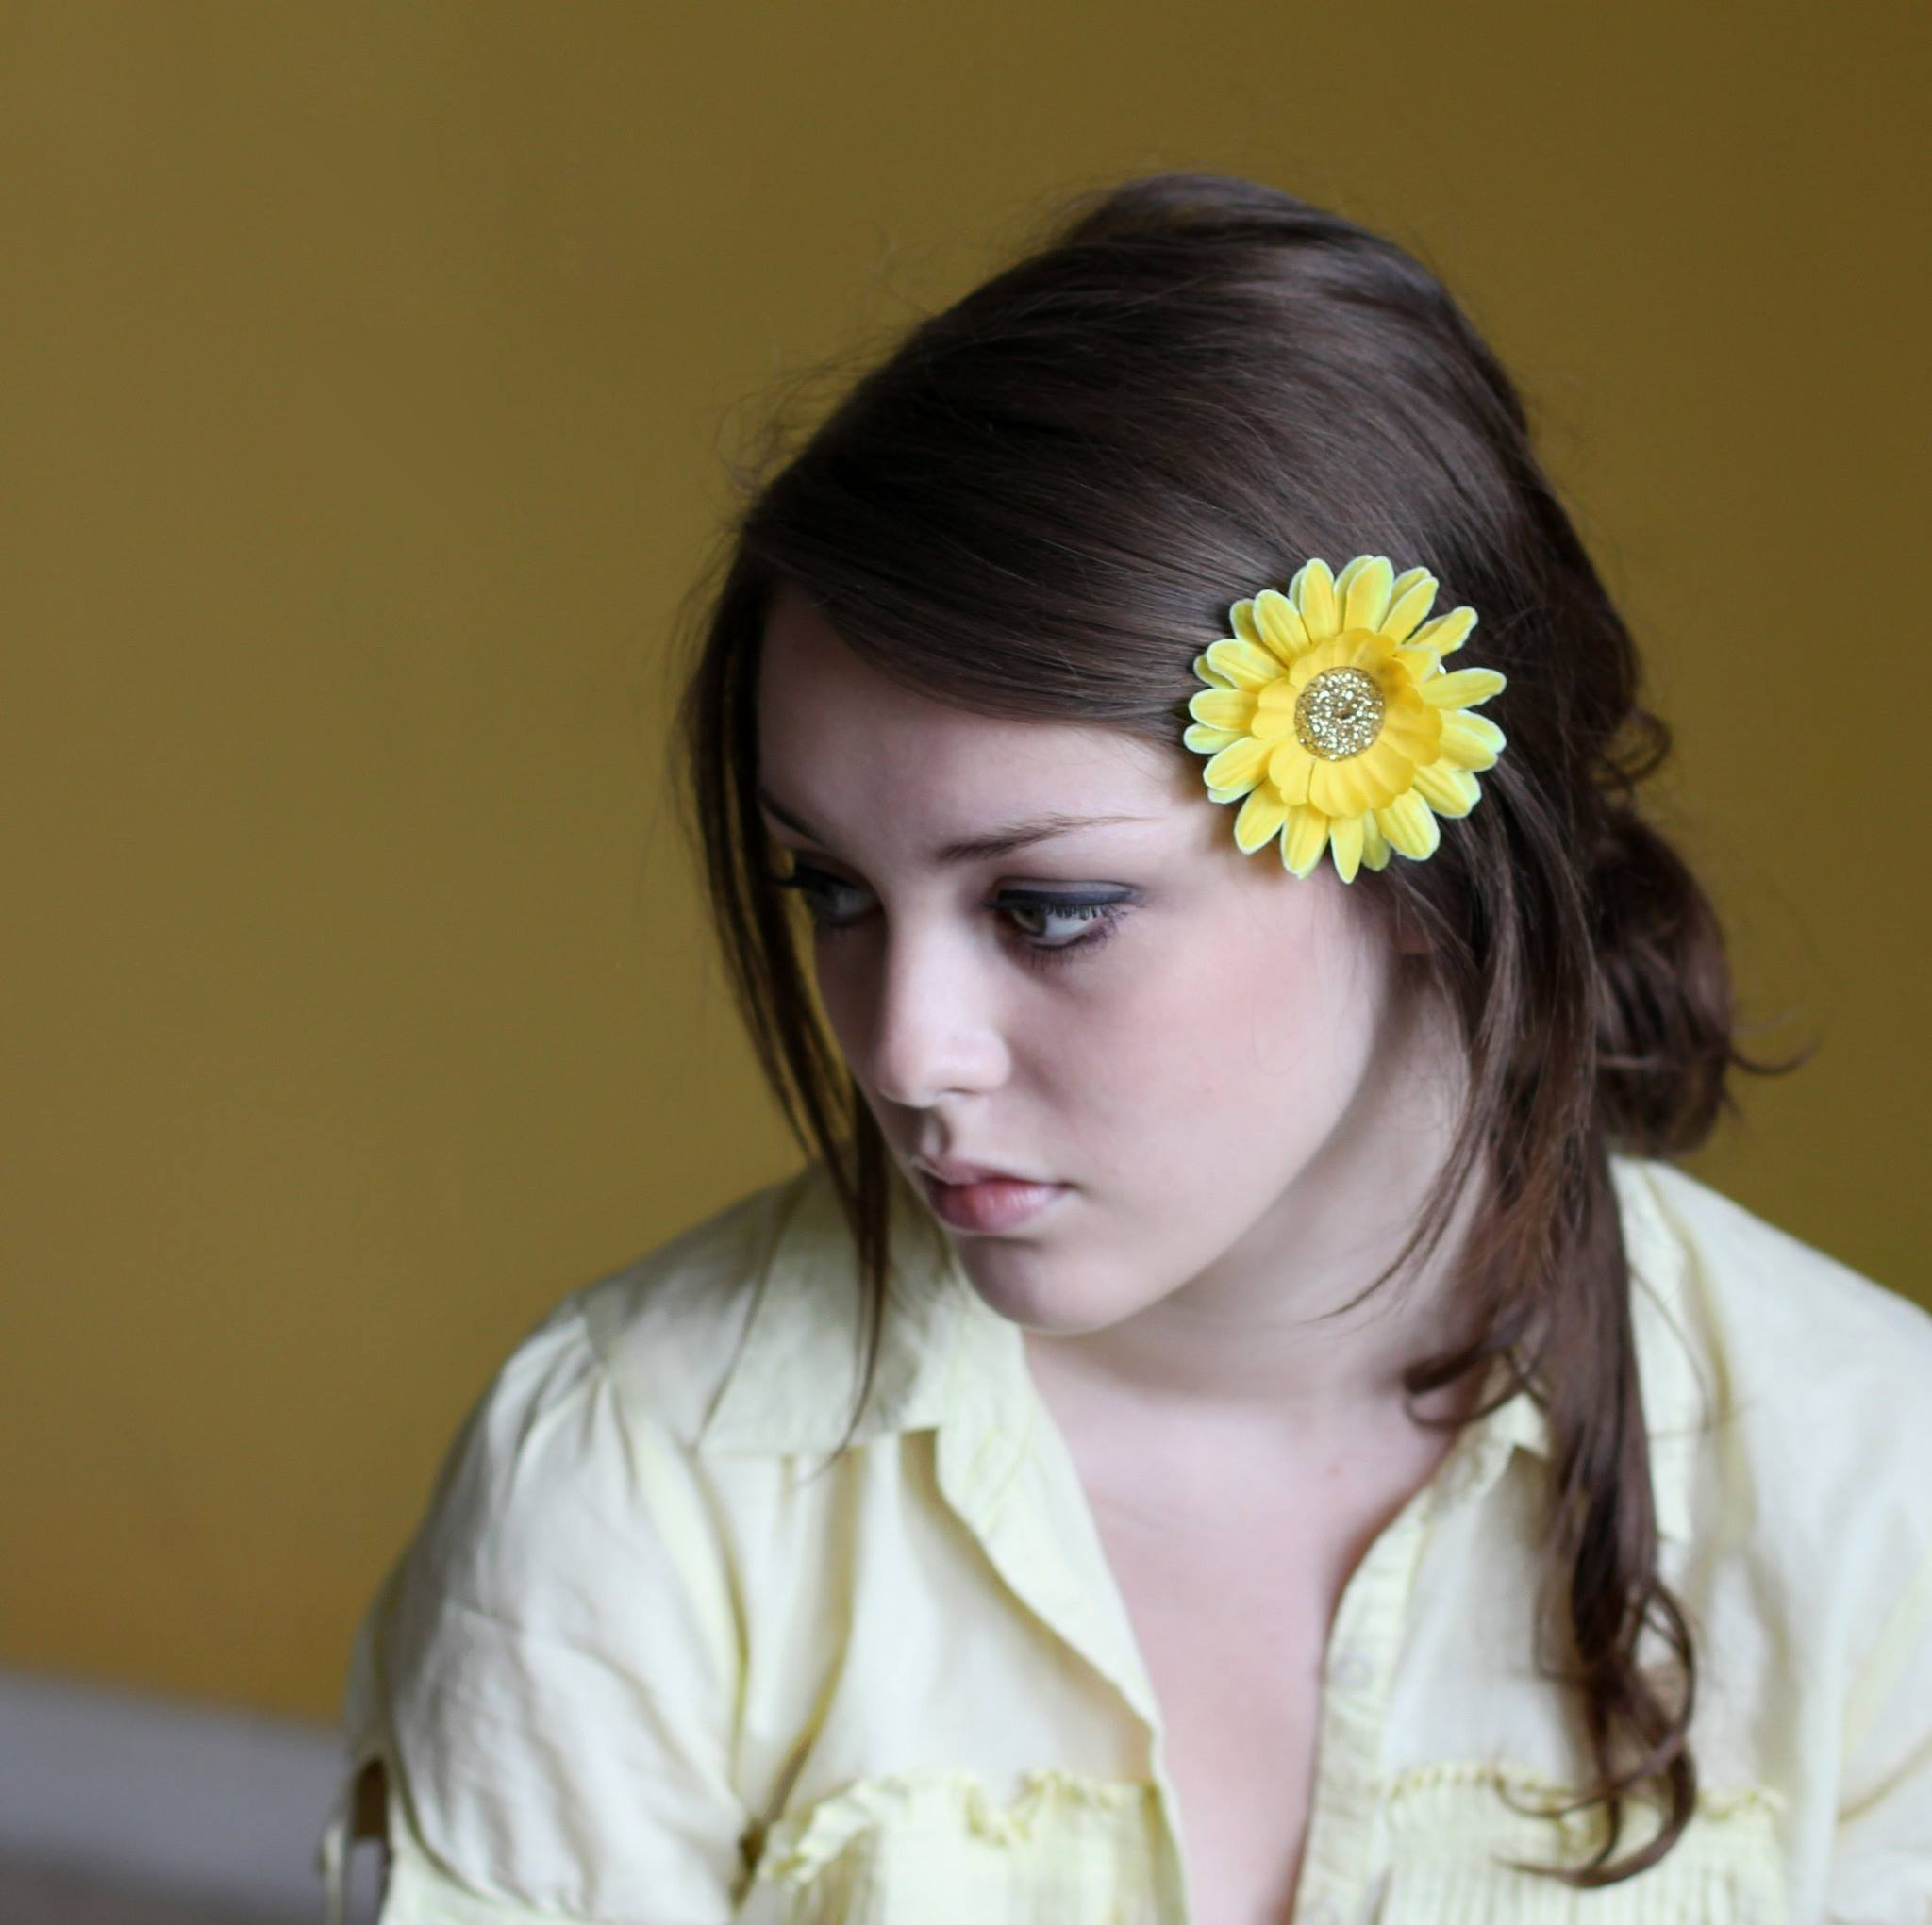 صور أجمل بنت فى العالم